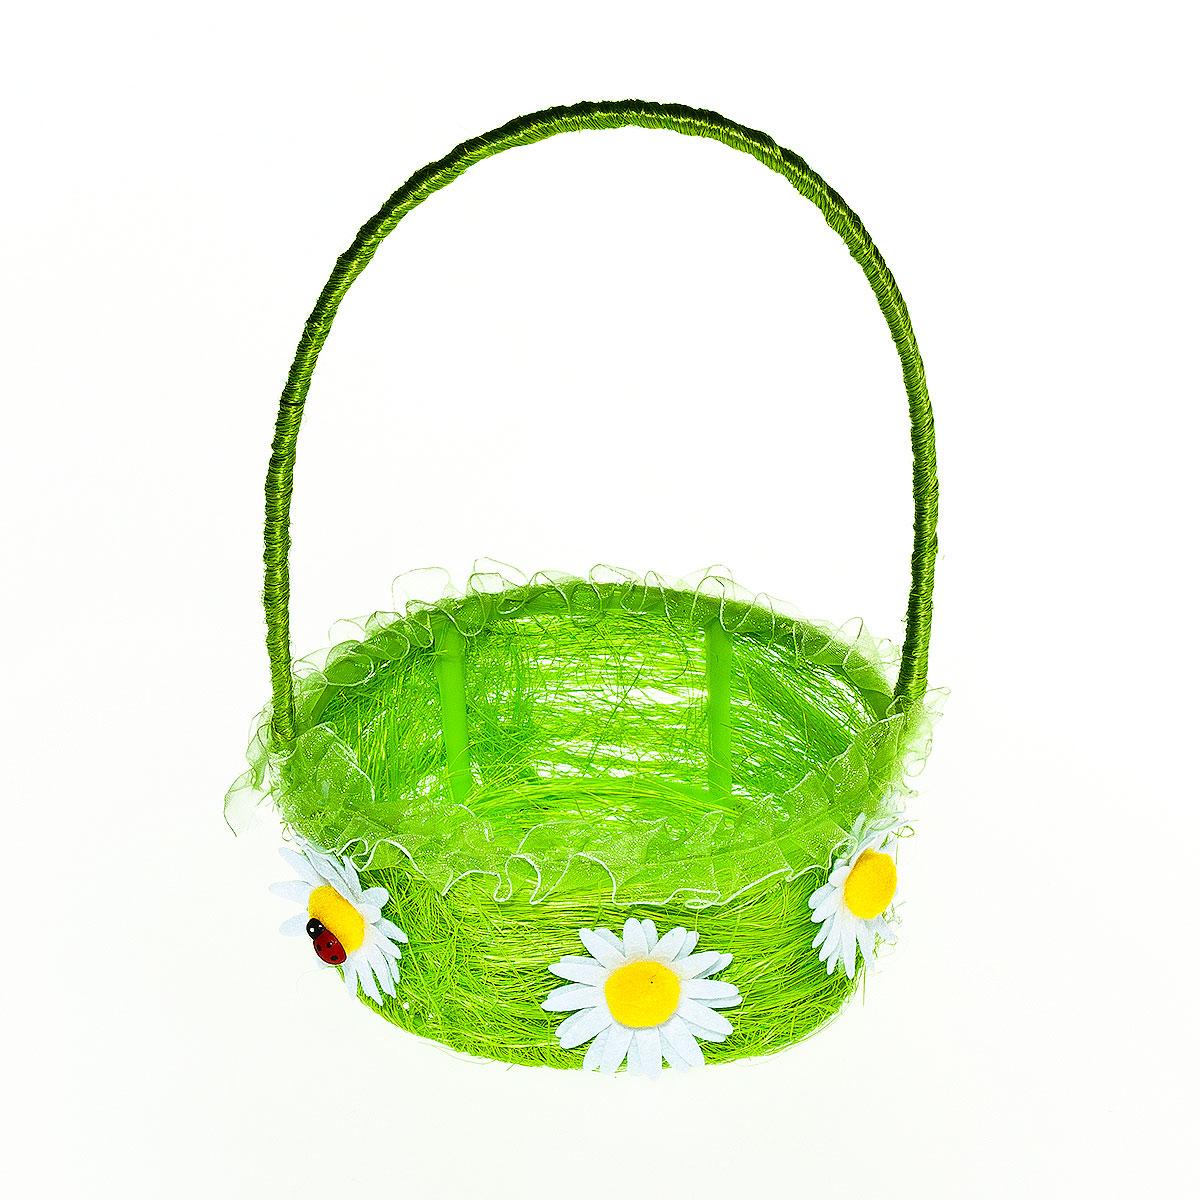 Корзина декоративная Home Queen Цветы, цвет: зеленый, 15,5 см х 14,5 см х 6,5 см64337_ зеленыйДекоративная корзина Home Queen Цветы предназначена для хранения различных мелочей и аксессуаров. Изделие изготовлено из сизаля и пластика. Корзина оснащена удобной ручкой и декорирована аппликацией в виде цветов. Такая корзина станет оригинальным и необычным подарком или украшением интерьера. Размер корзины: 15,5 см х 14,5 см х 6,5 см. Диаметр дна: 13 см. Высота ручки: 14 см.